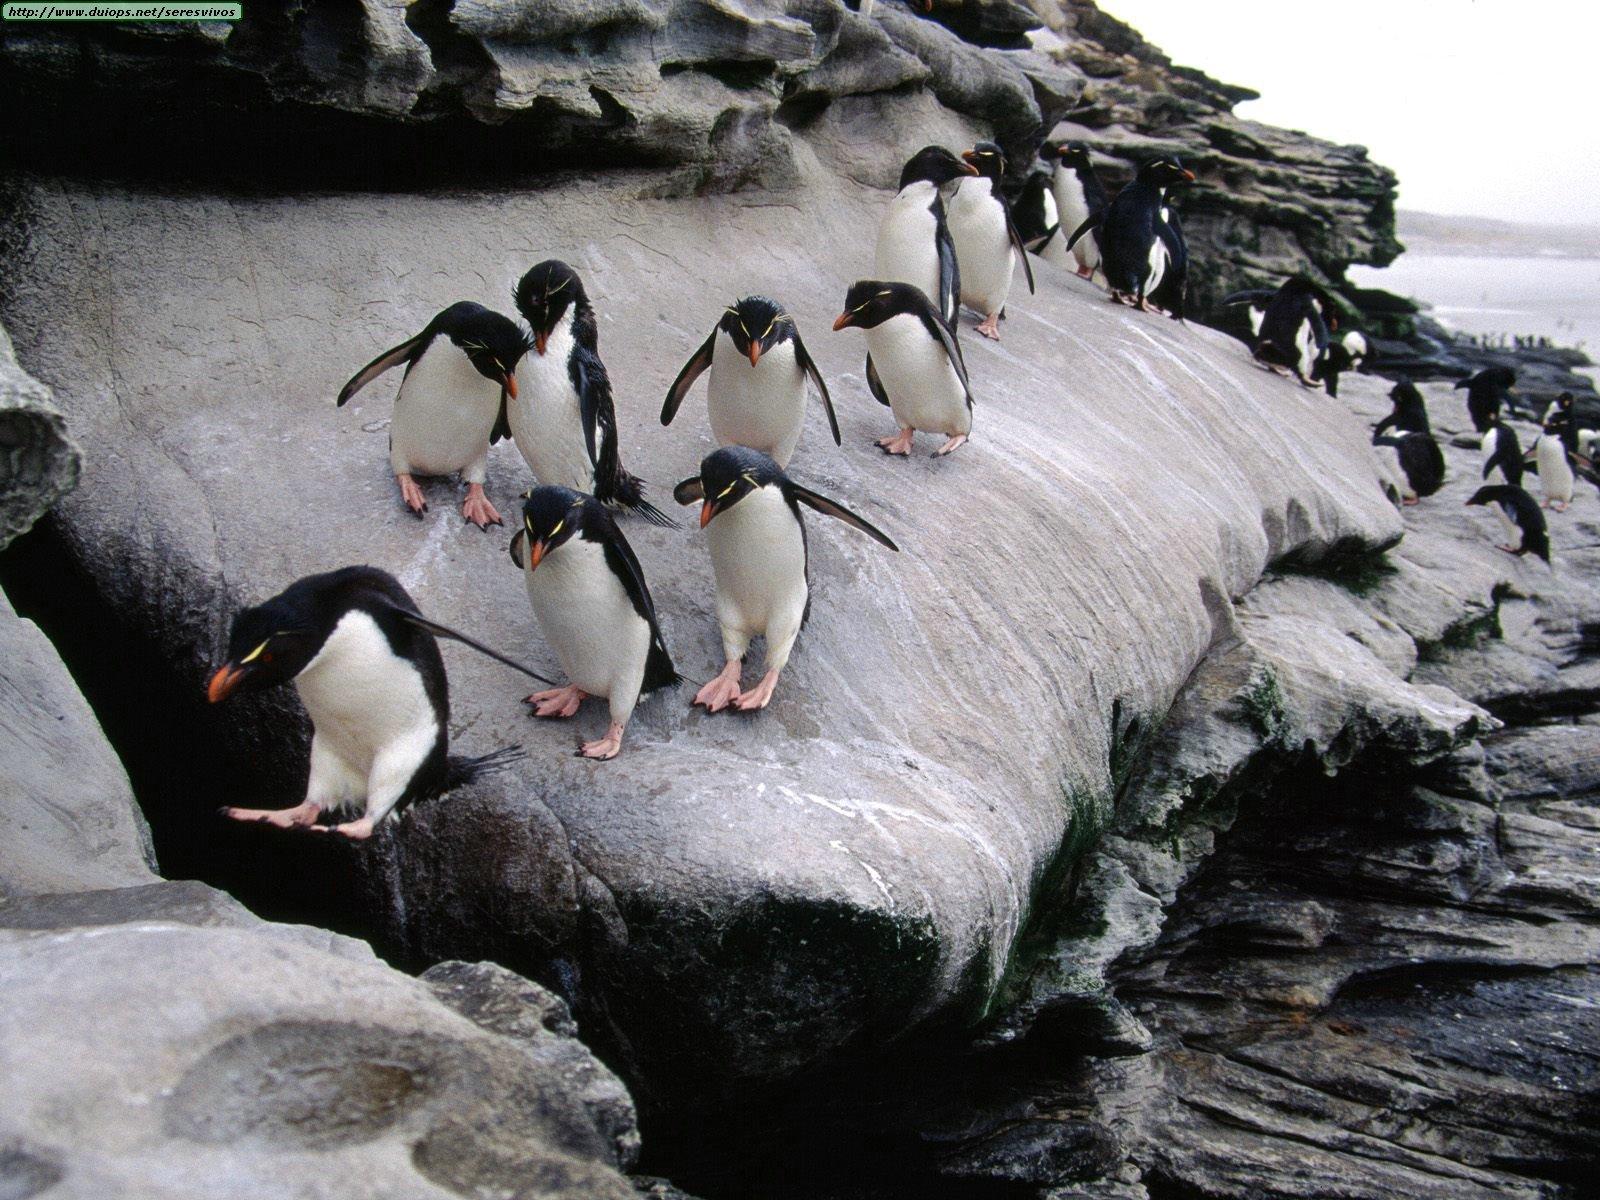 Fotos e imagenes de las islas Malvinas (argentinas)  Parte 2